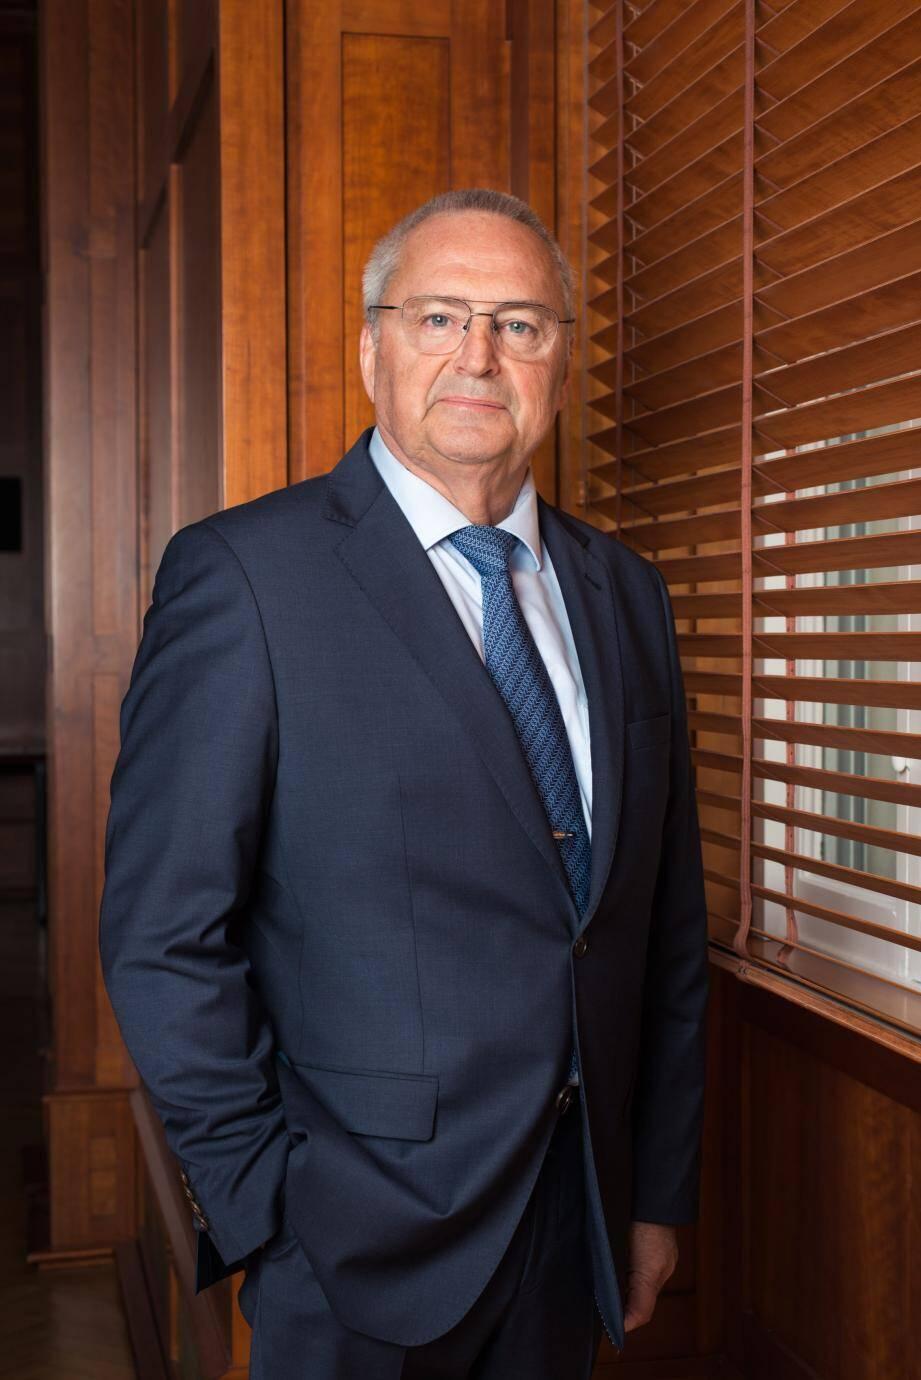 Le président de la chambre de commerce et d'industrie de la Côte d'Azur, Jean-Pierre Savarino, souhaite que l'accent soit mis sur « le climat de confiance » qu'il convient de retrouver pour entamer la relance.